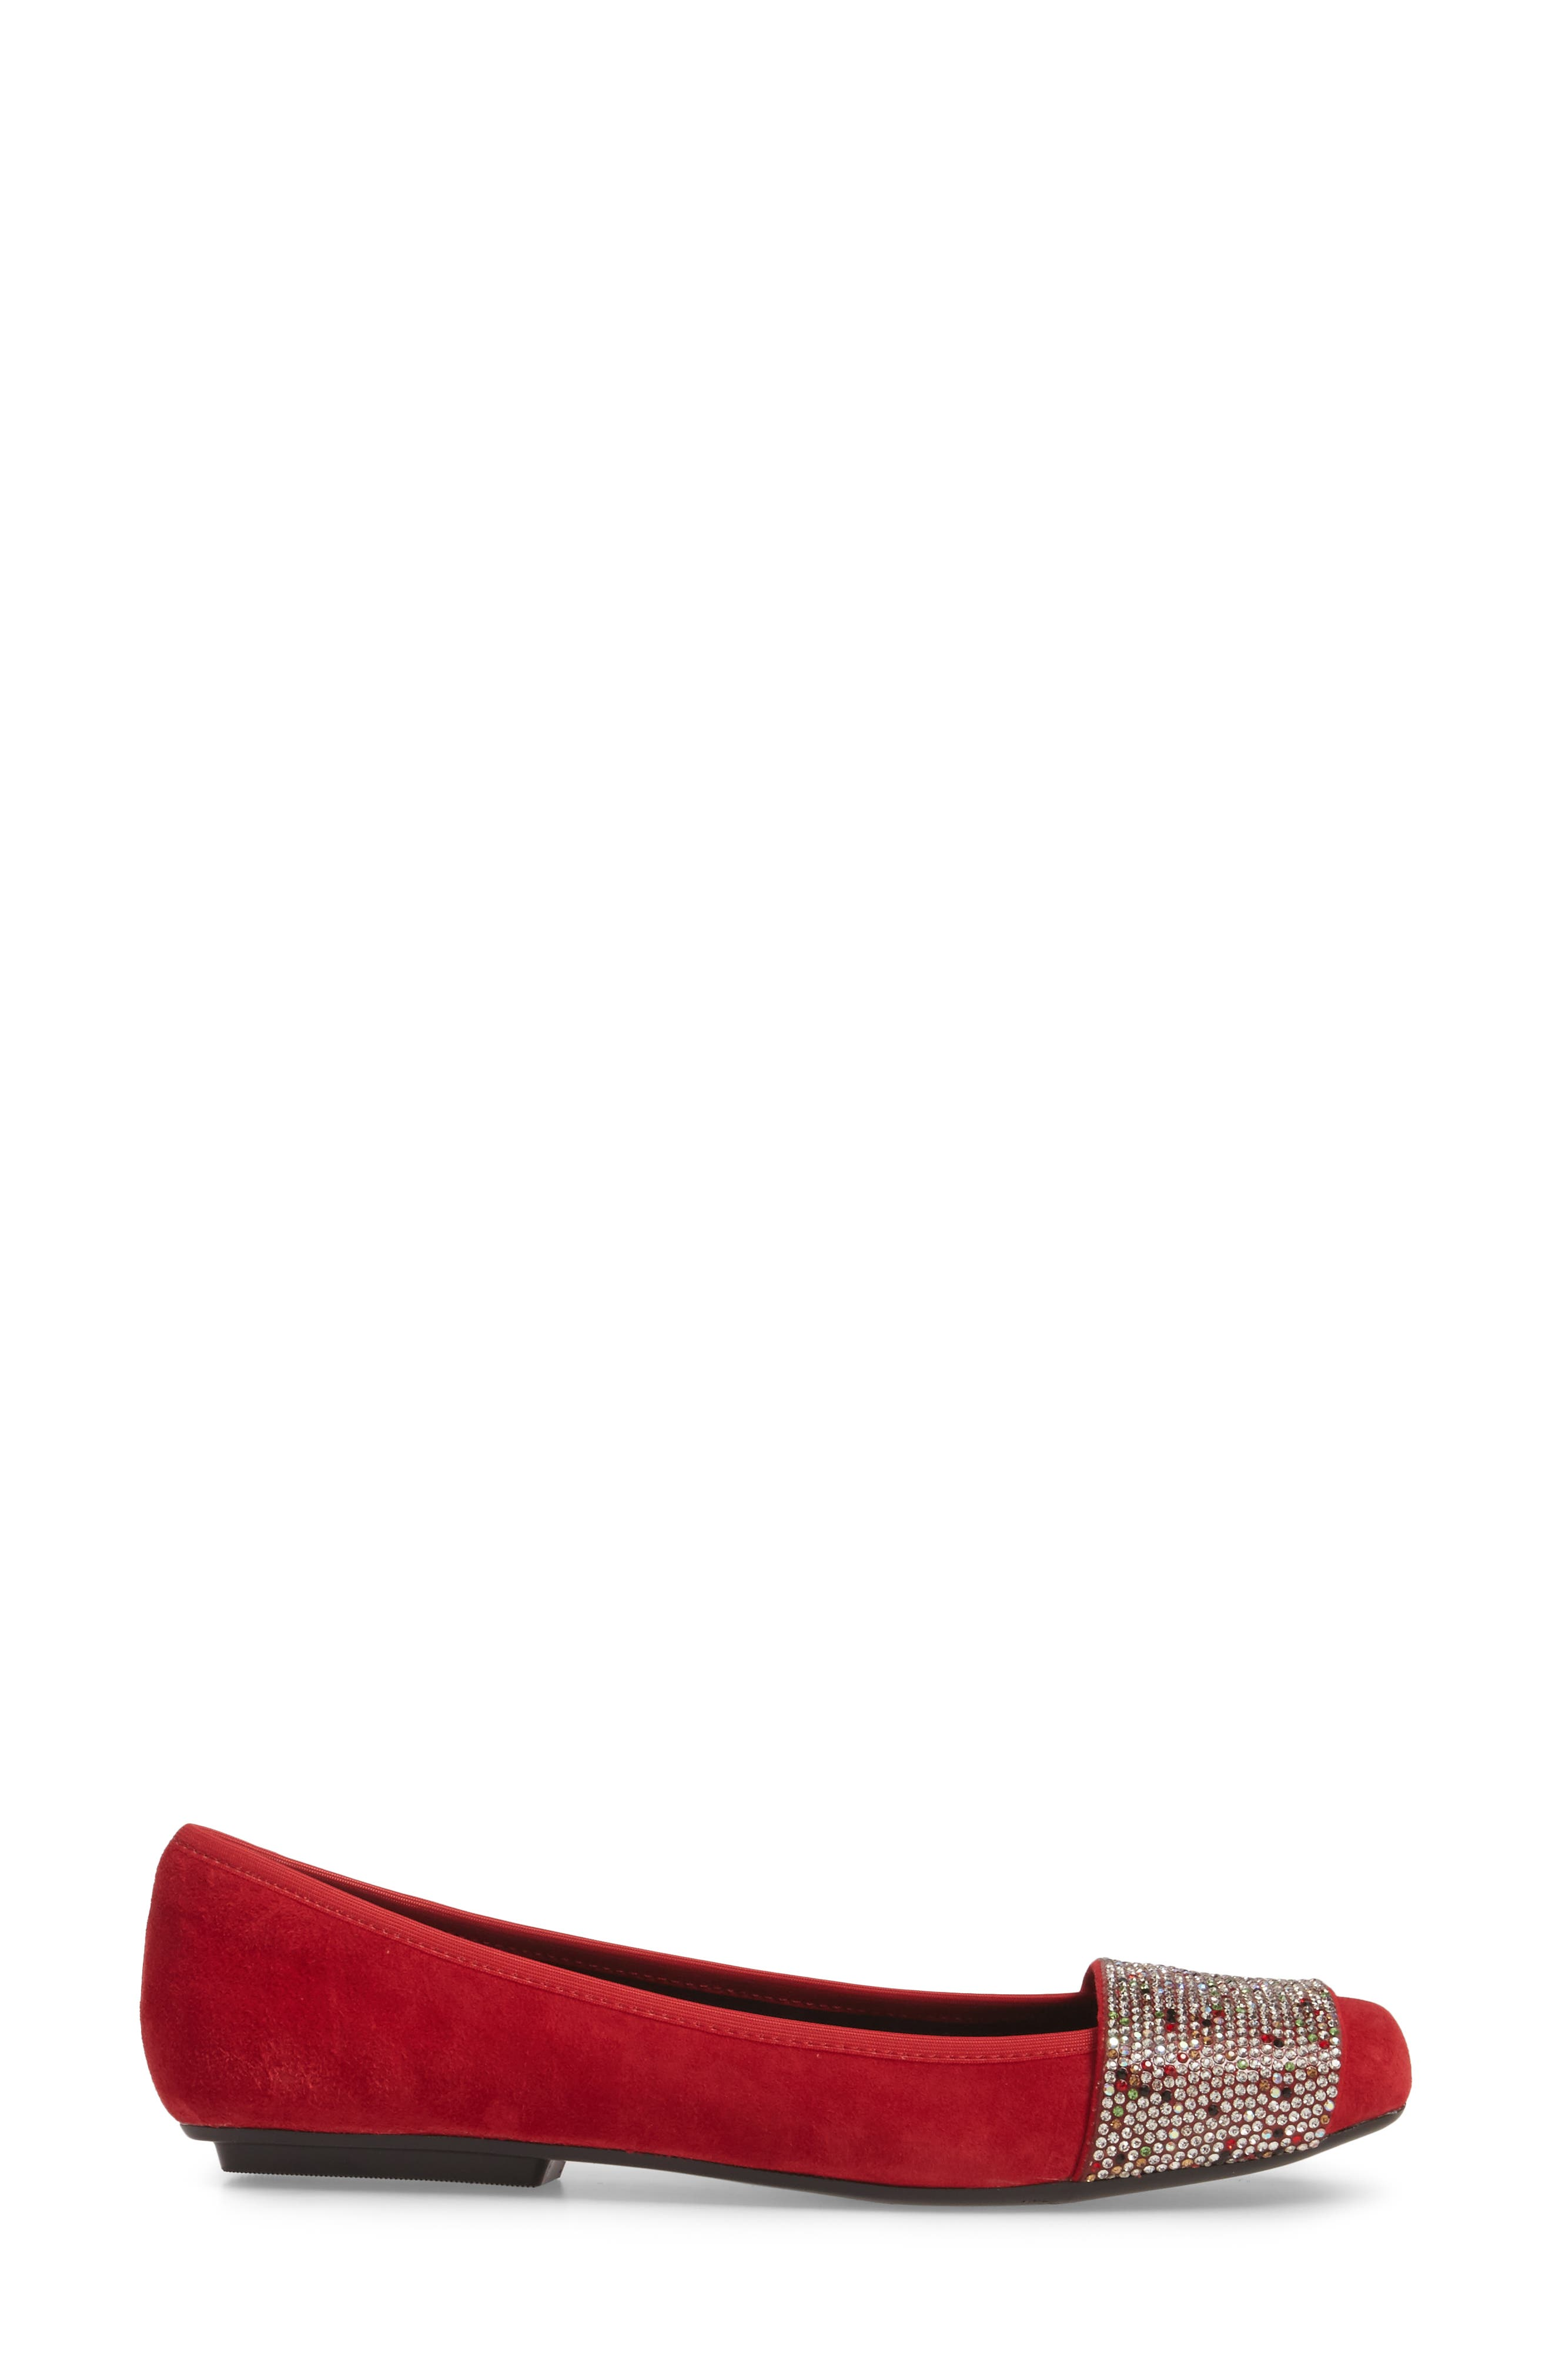 Alternate Image 3  - VANELi Nabila Embellished Ballet Flat (Women)